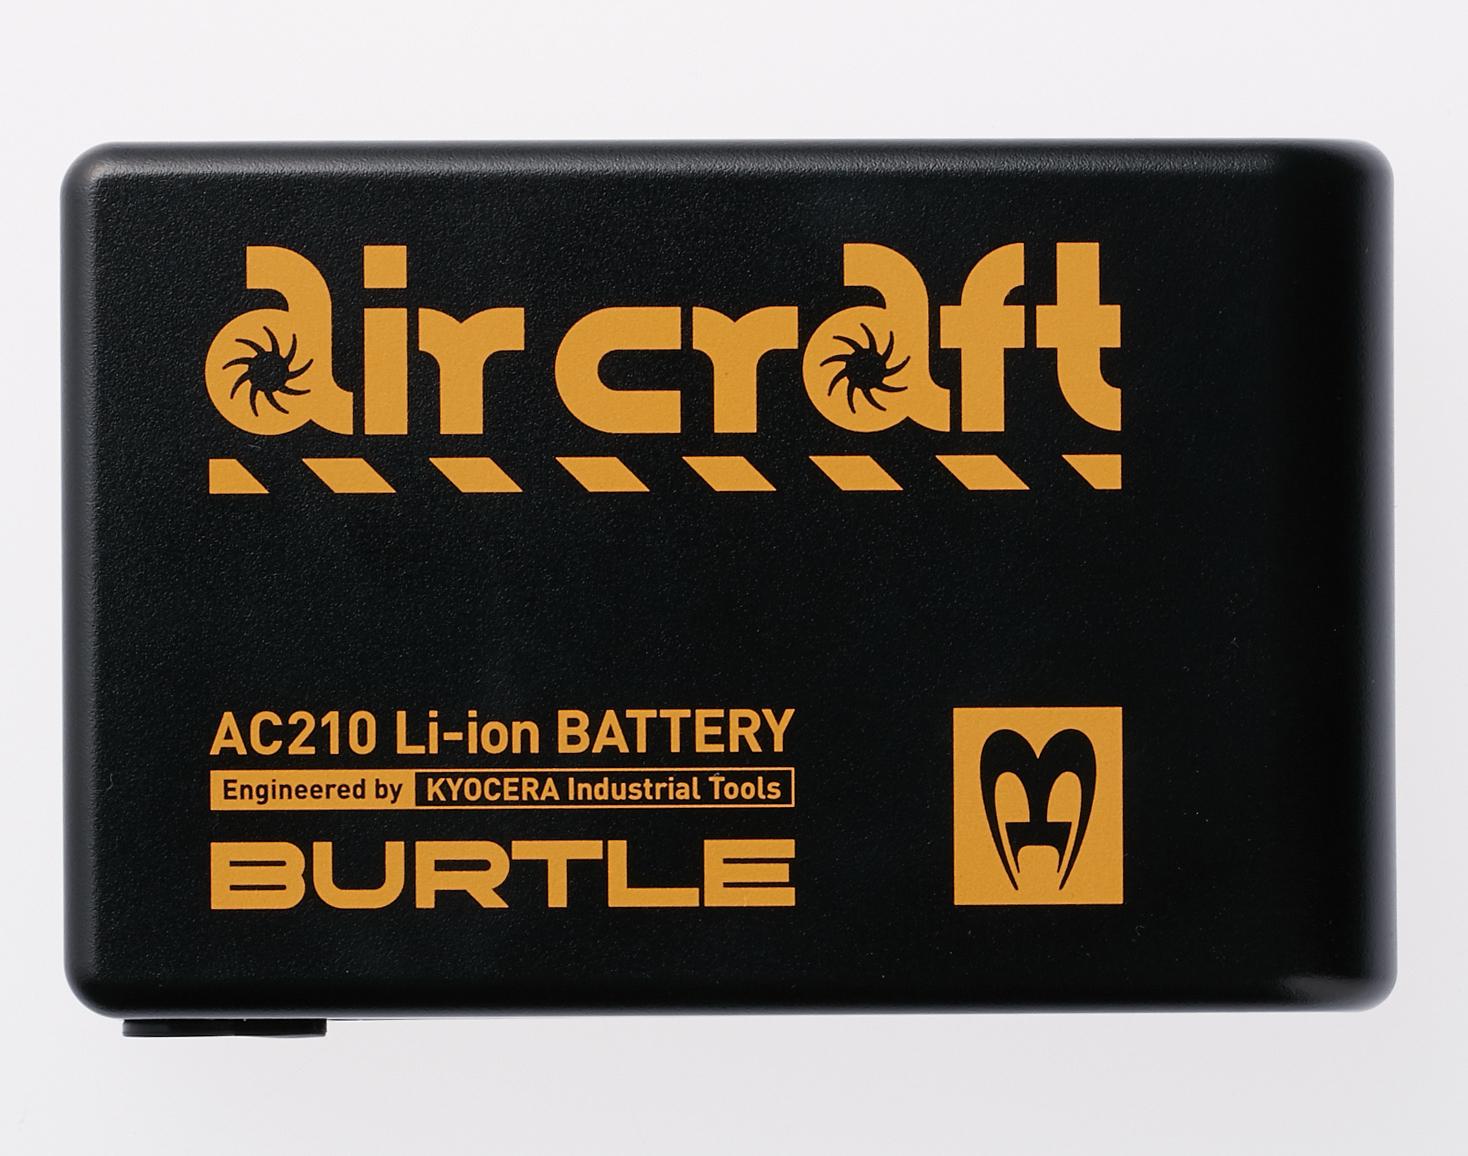 AC210 リチウムイオンバッテリー 【BURTLE(バートル)】